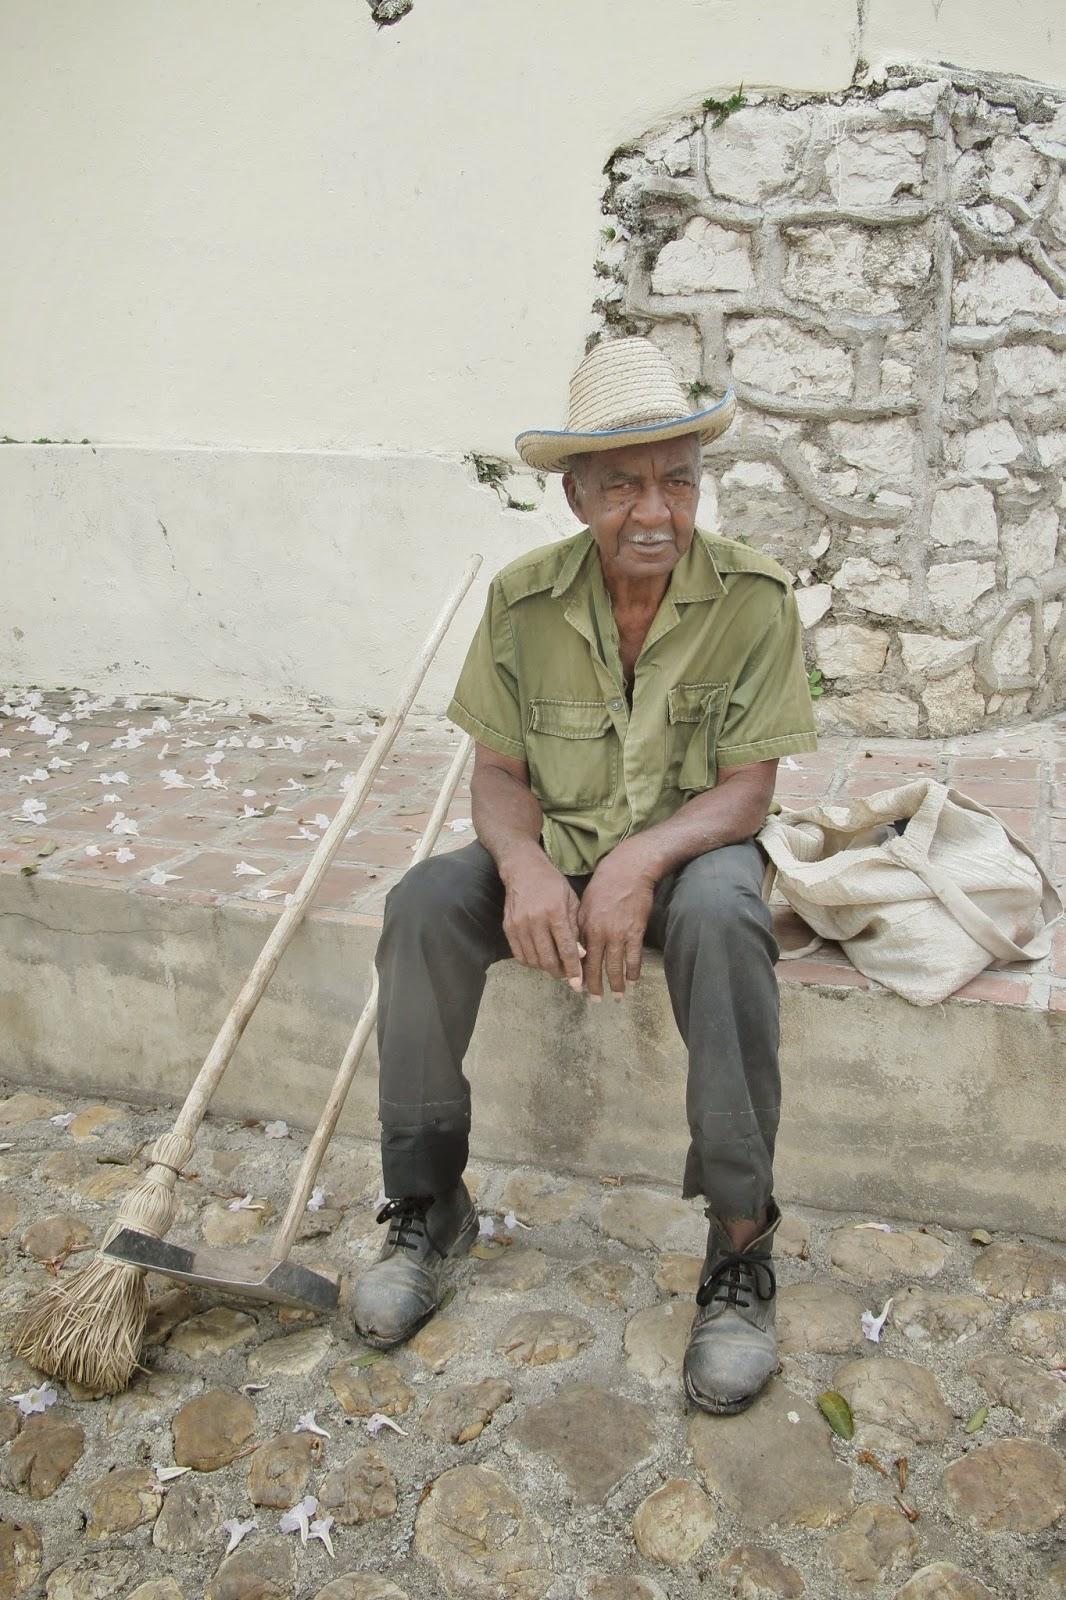 Um autêntico guajiro, nativo de Sanctu Spiritus, na região central de Cuba